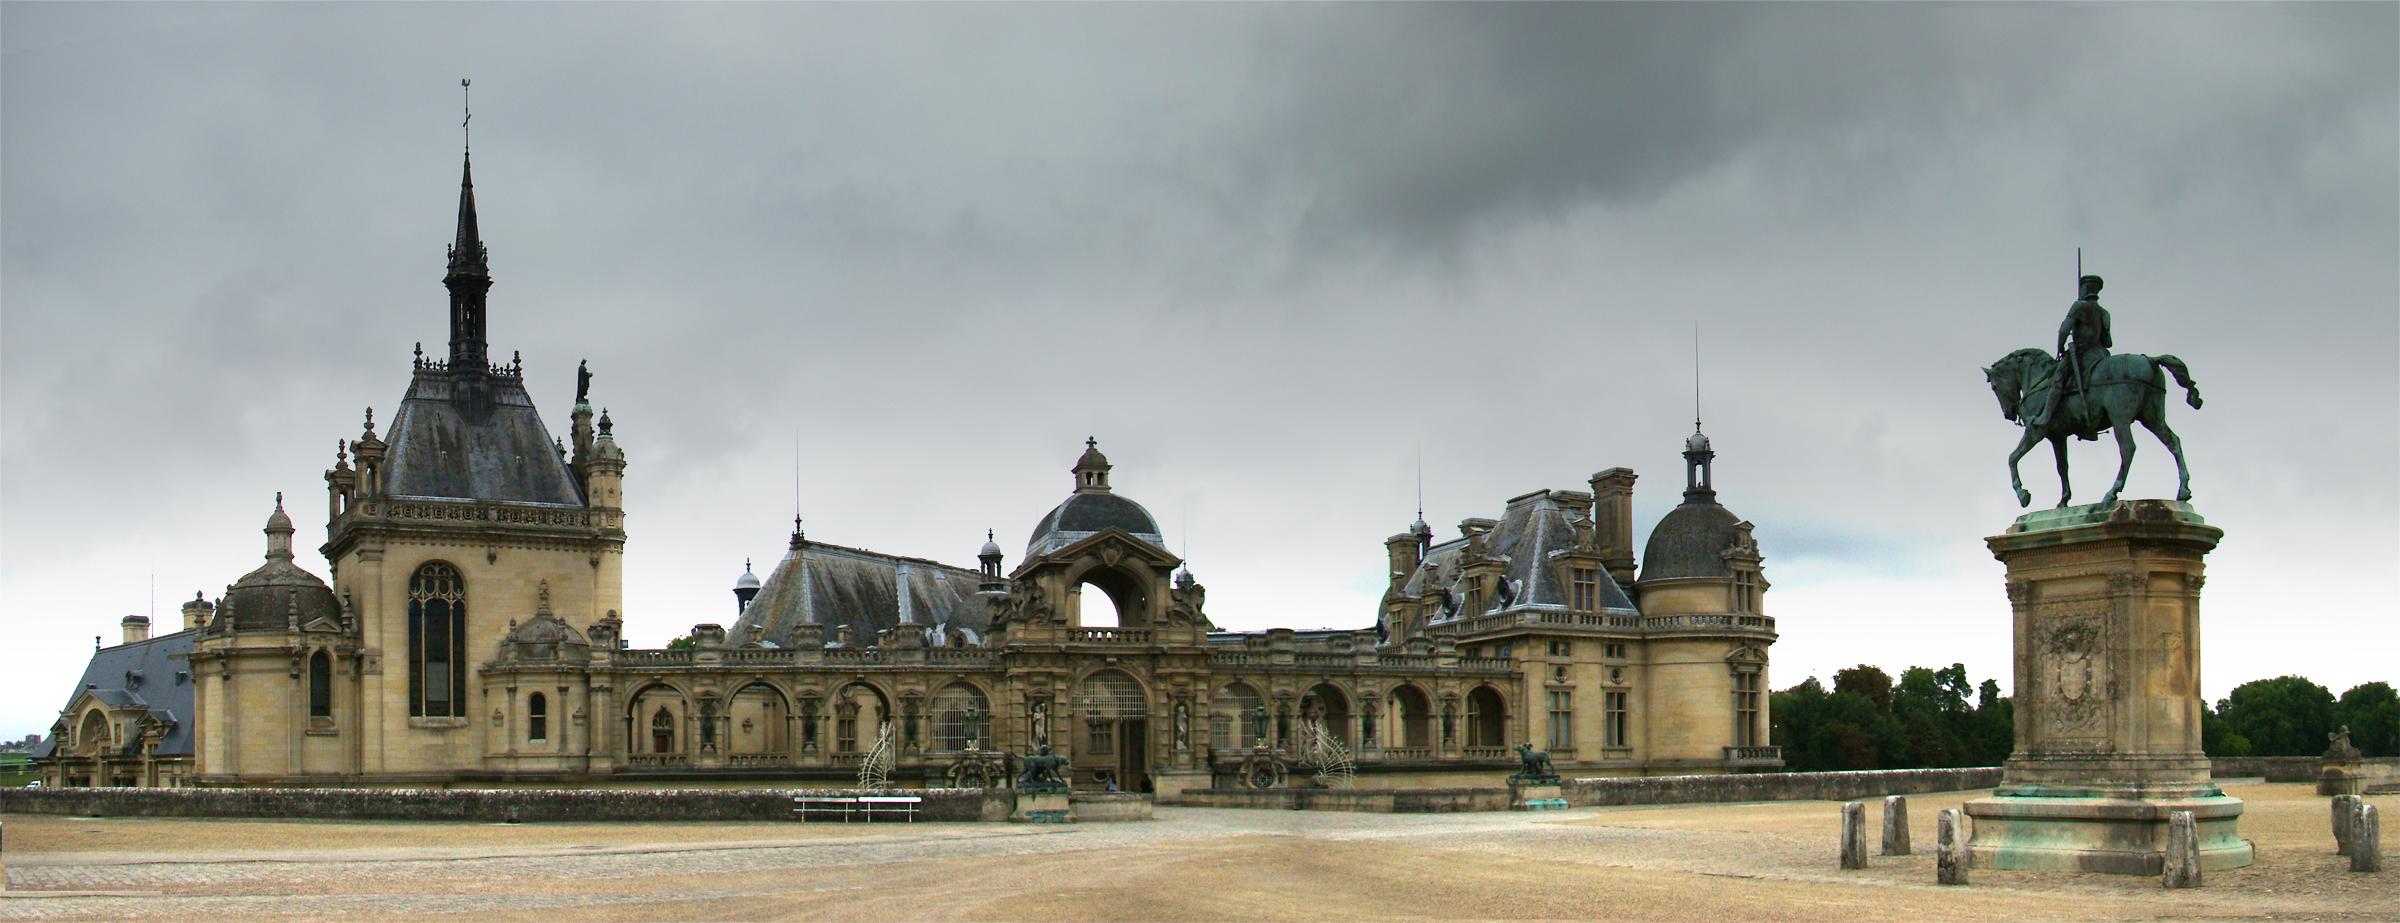 1 Chantilly Chateau.jpg